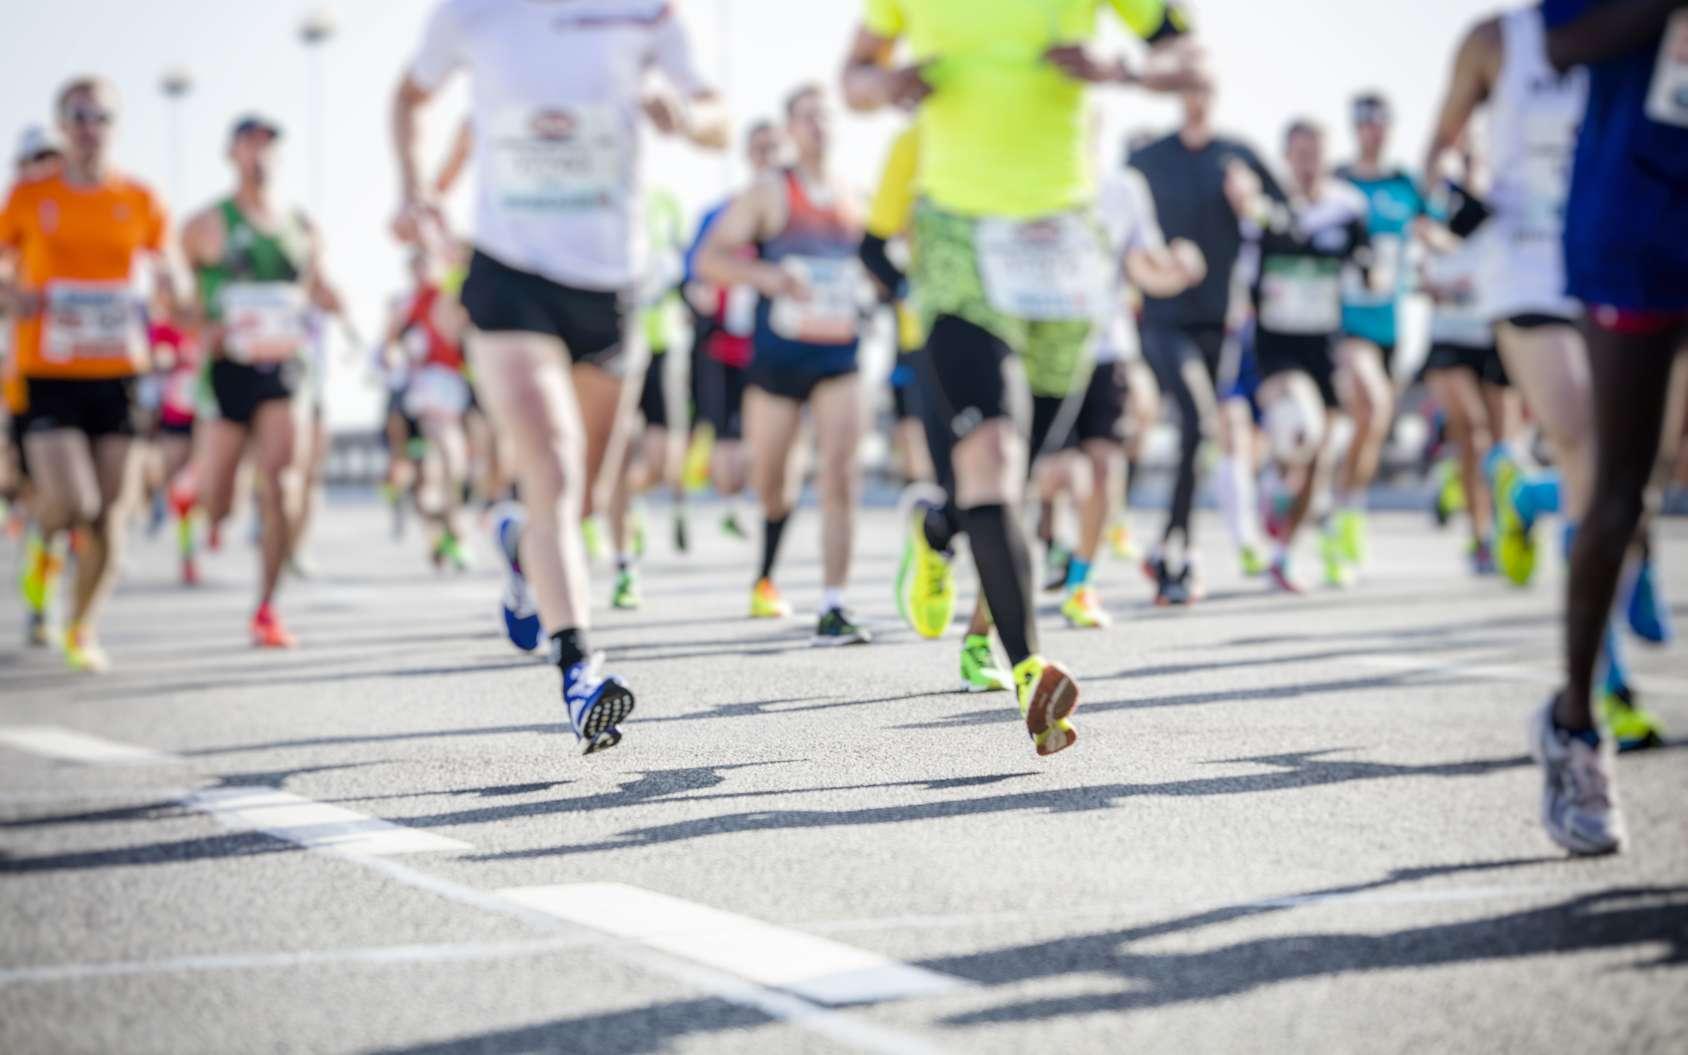 Les marathoniens ont dans leur microbiote une bactérie absente chez les sédentaires. © babaroga, Fotolia